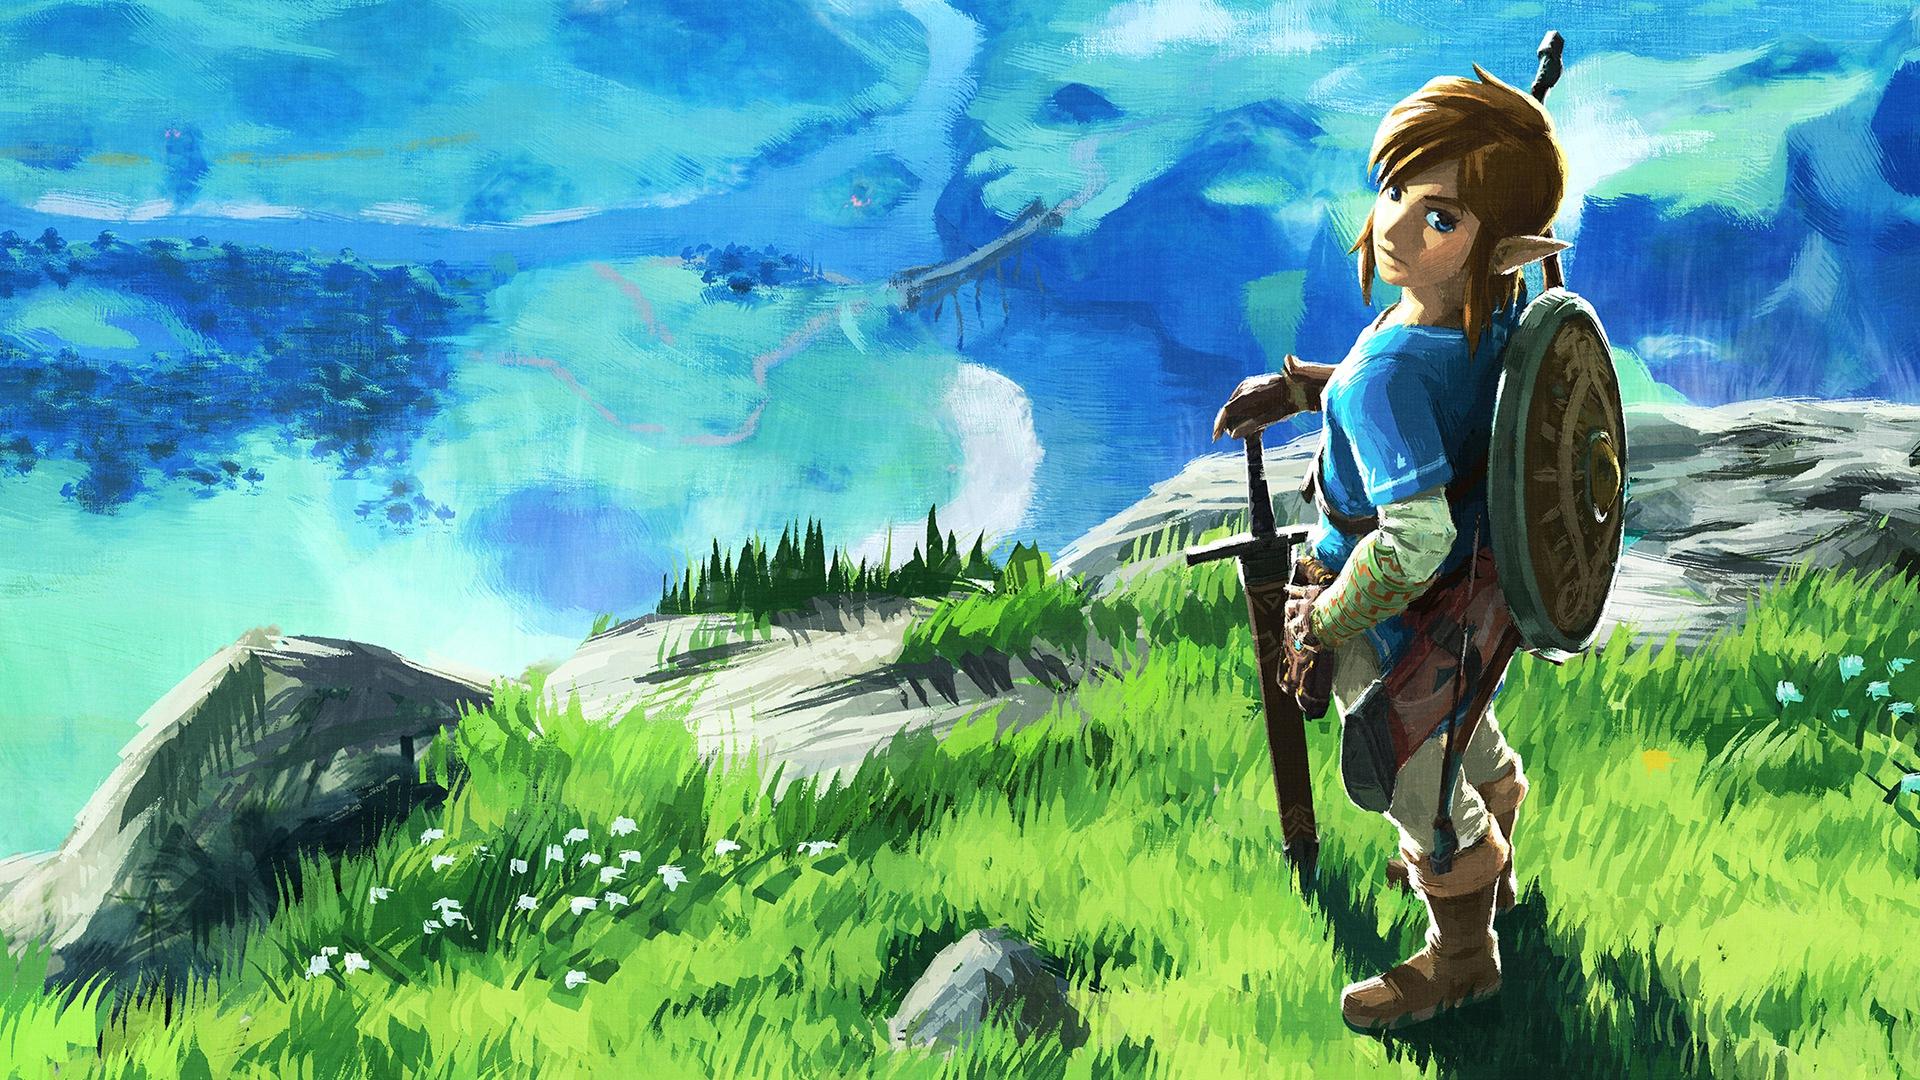 IM1853 The Legend Of Zelda